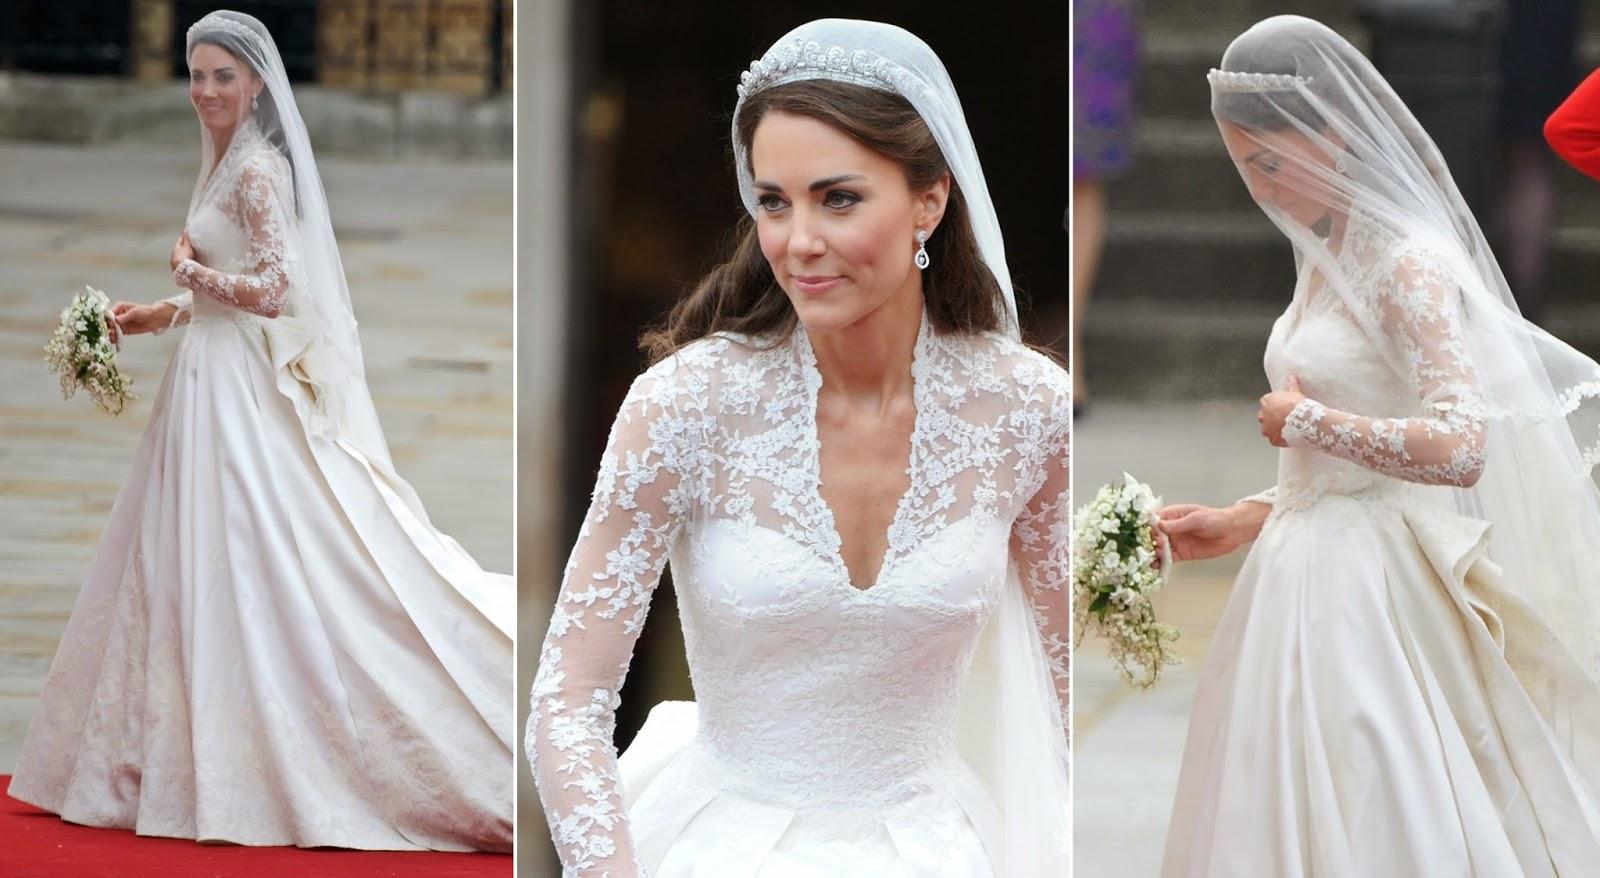 mais caras do mundo Top 10 anéis de noivado mais caros do mundo #A82328 1600x878